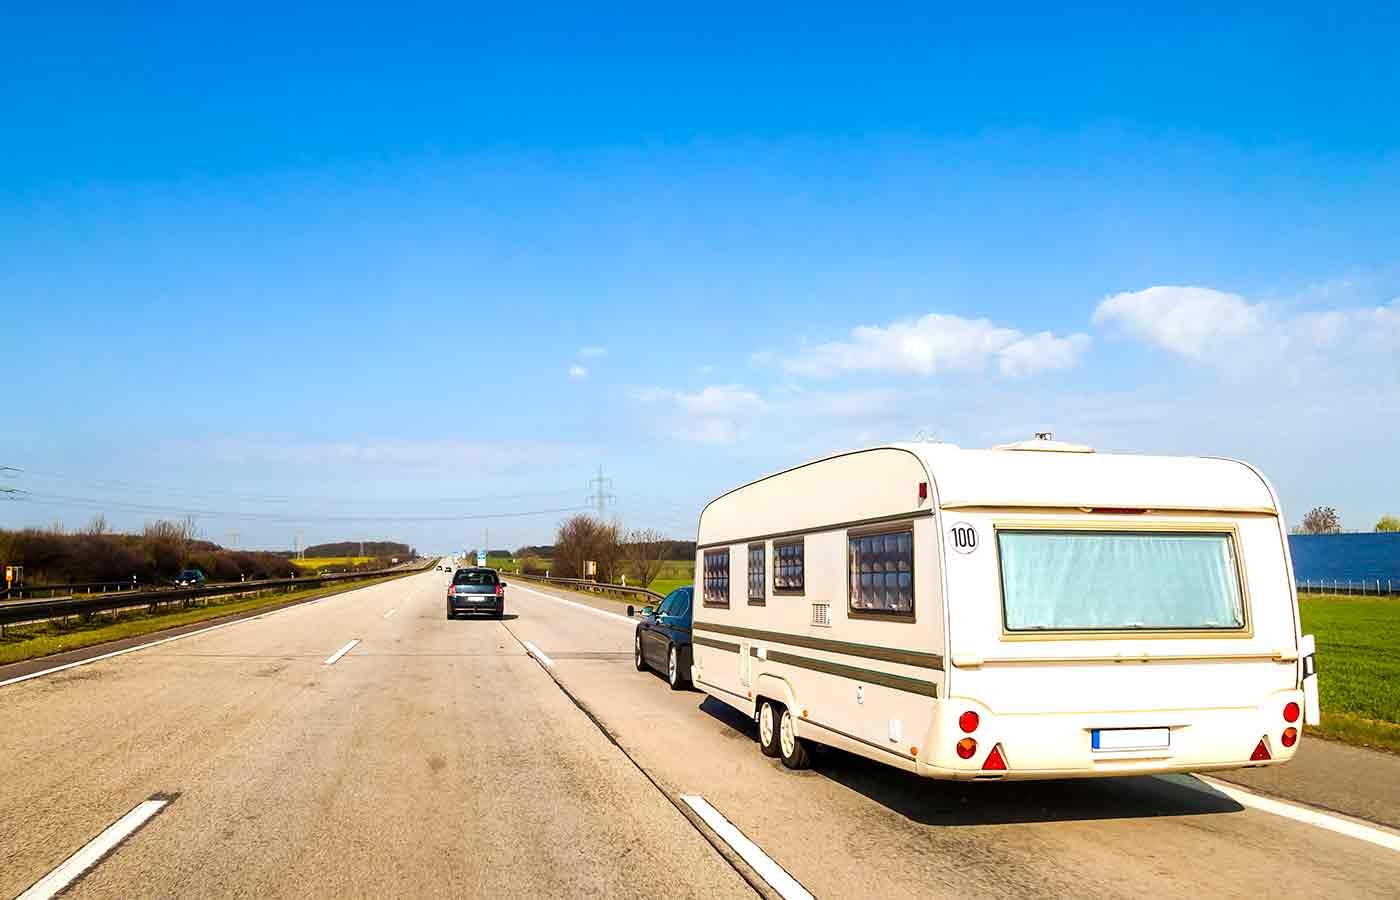 Normativa para viajar con caravana